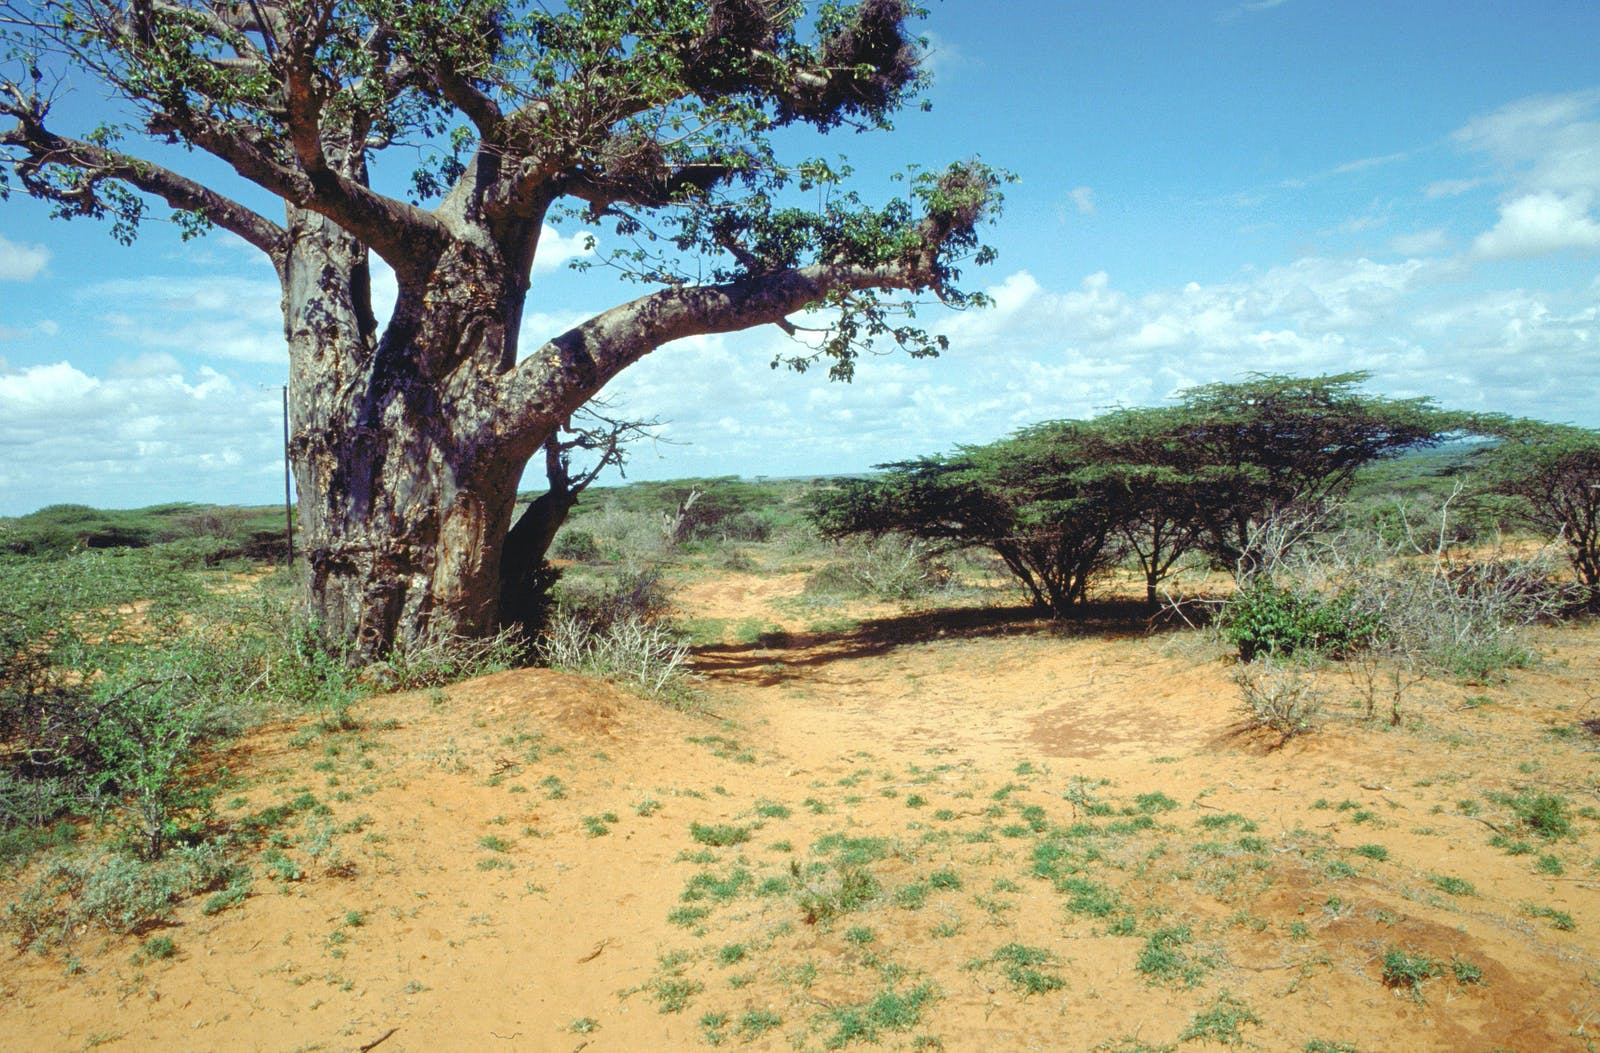 Somali Acacia-Commiphora Bushlands and Thickets